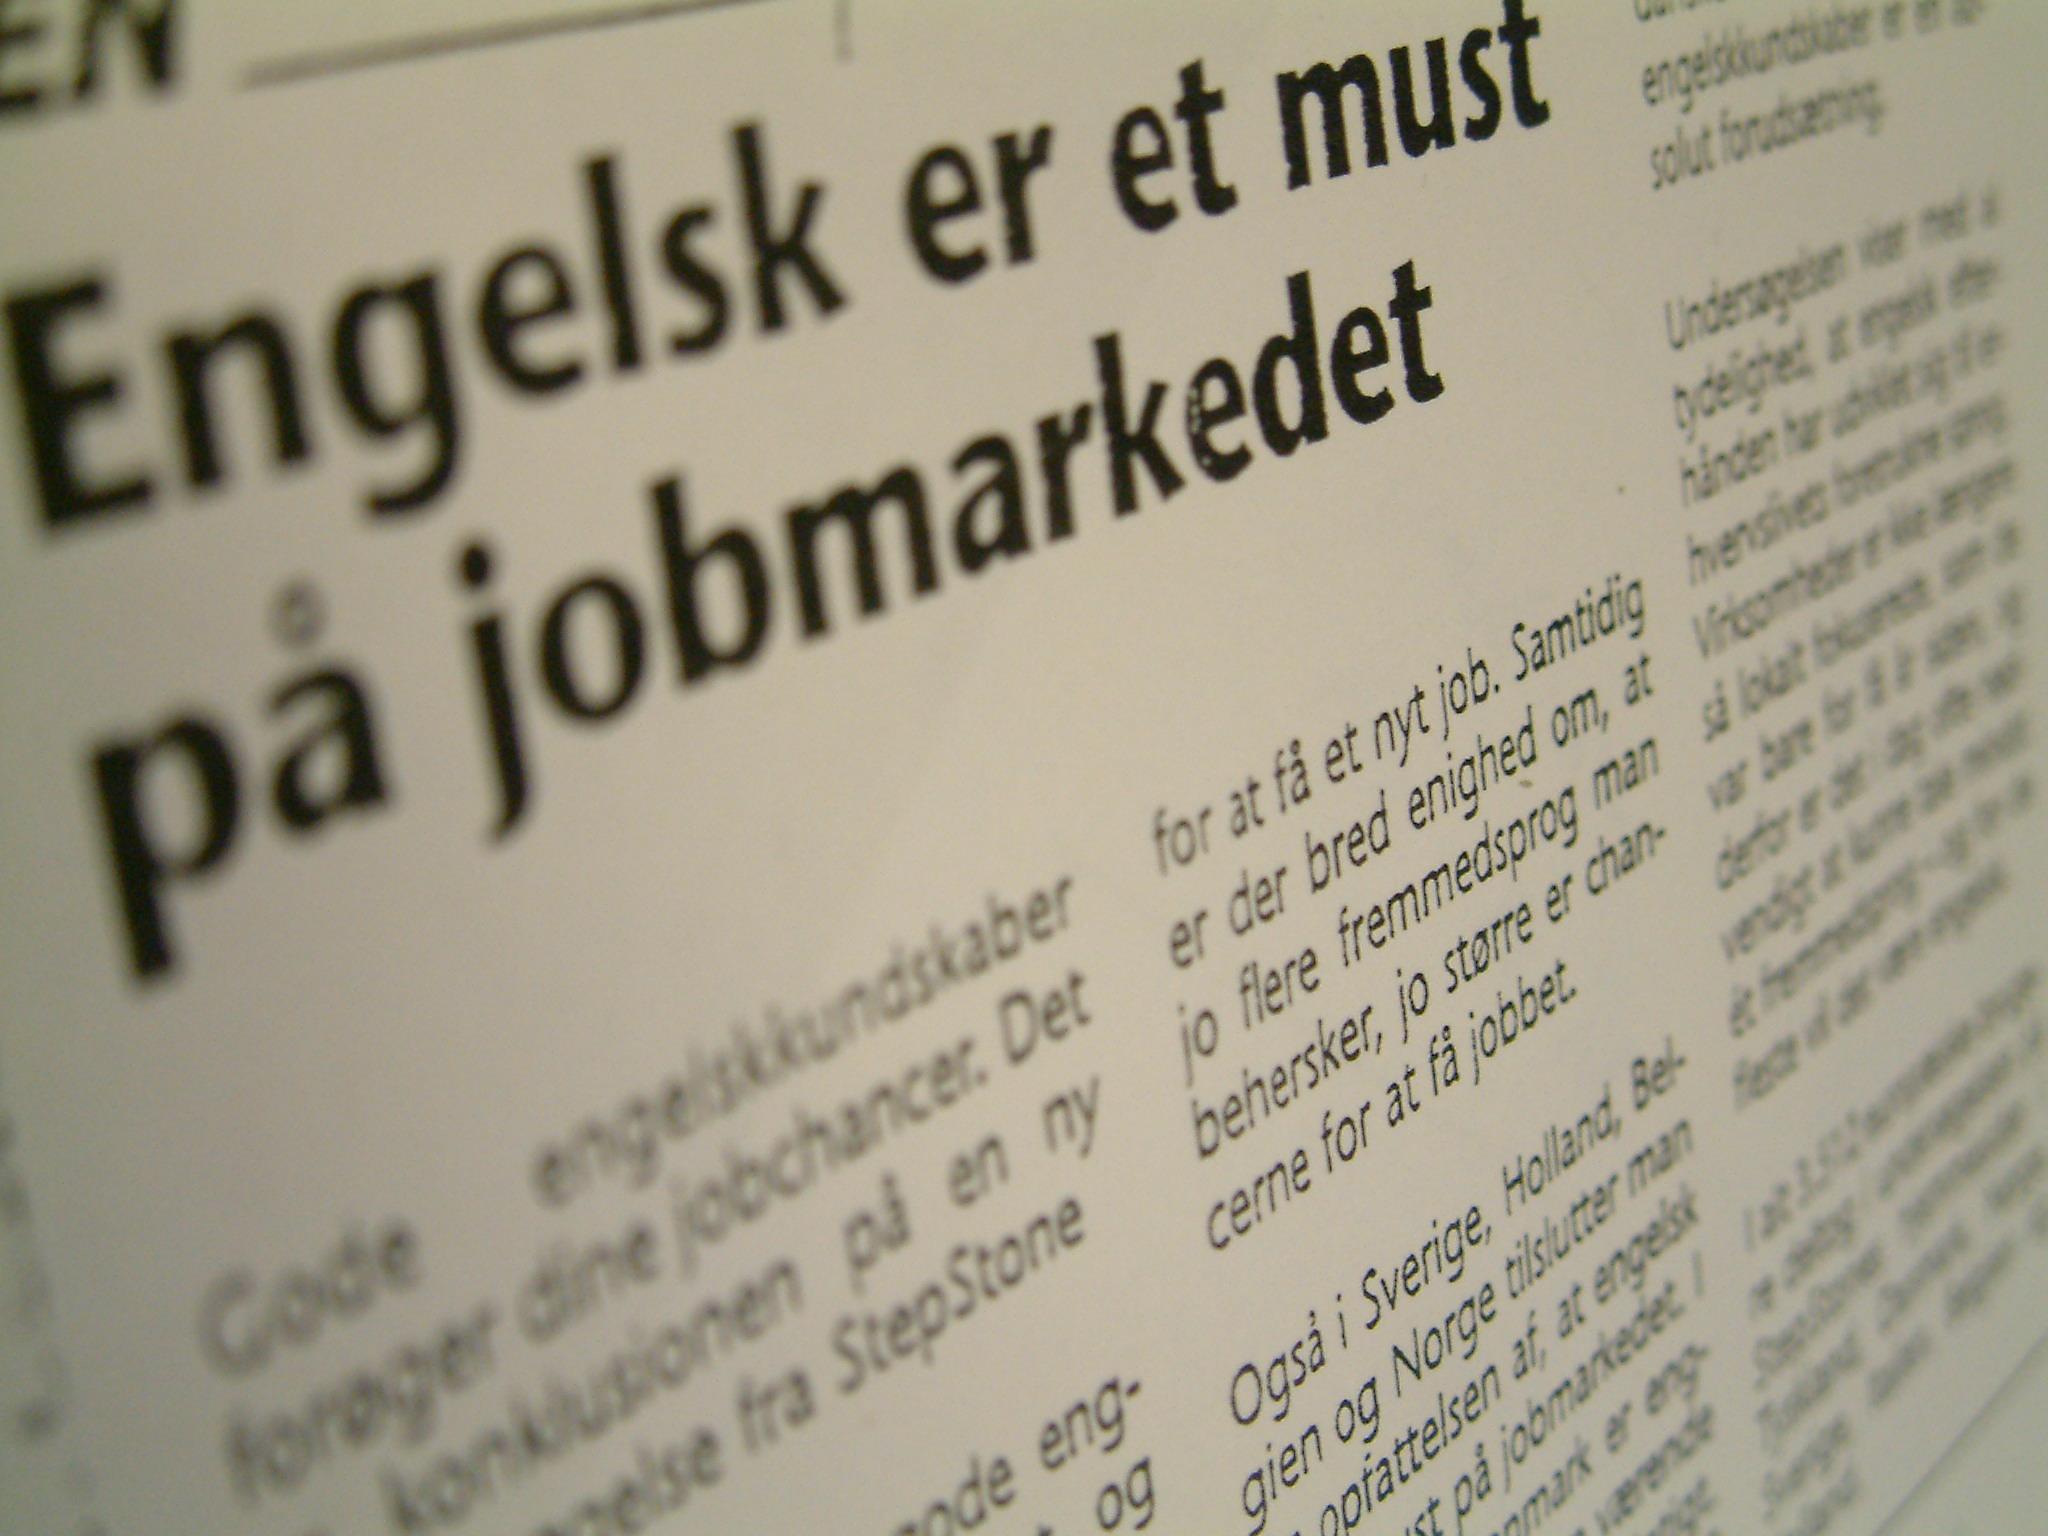 Avisartikel-engelsk er et must...DSCF0031_avis.JPG